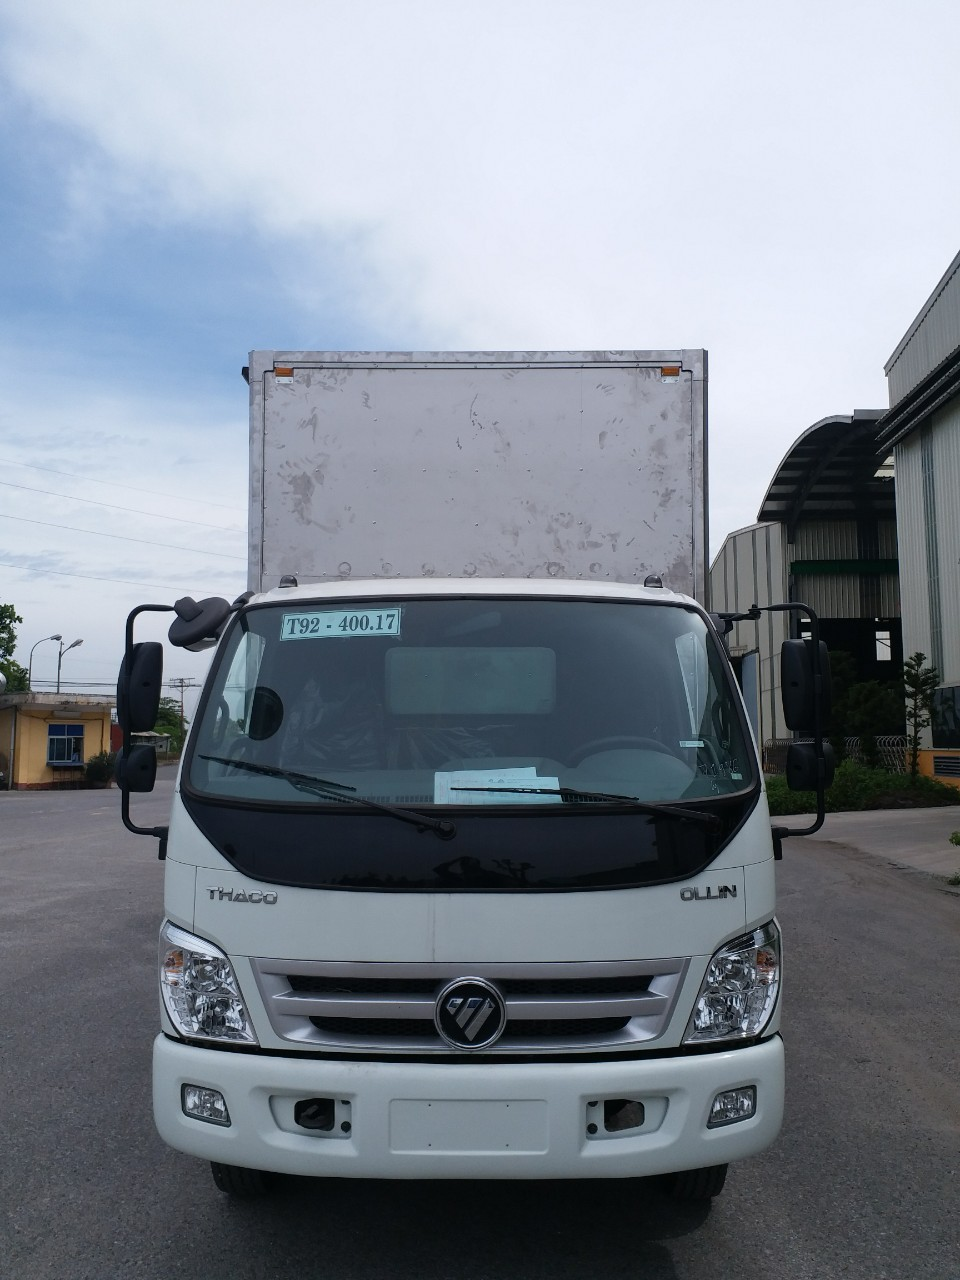 Liên hệ 0969.644.128 bán xe Thaco Ollin 700C thùng cao, mở hết cửa hông 2017, màu trắng, giá 530tr